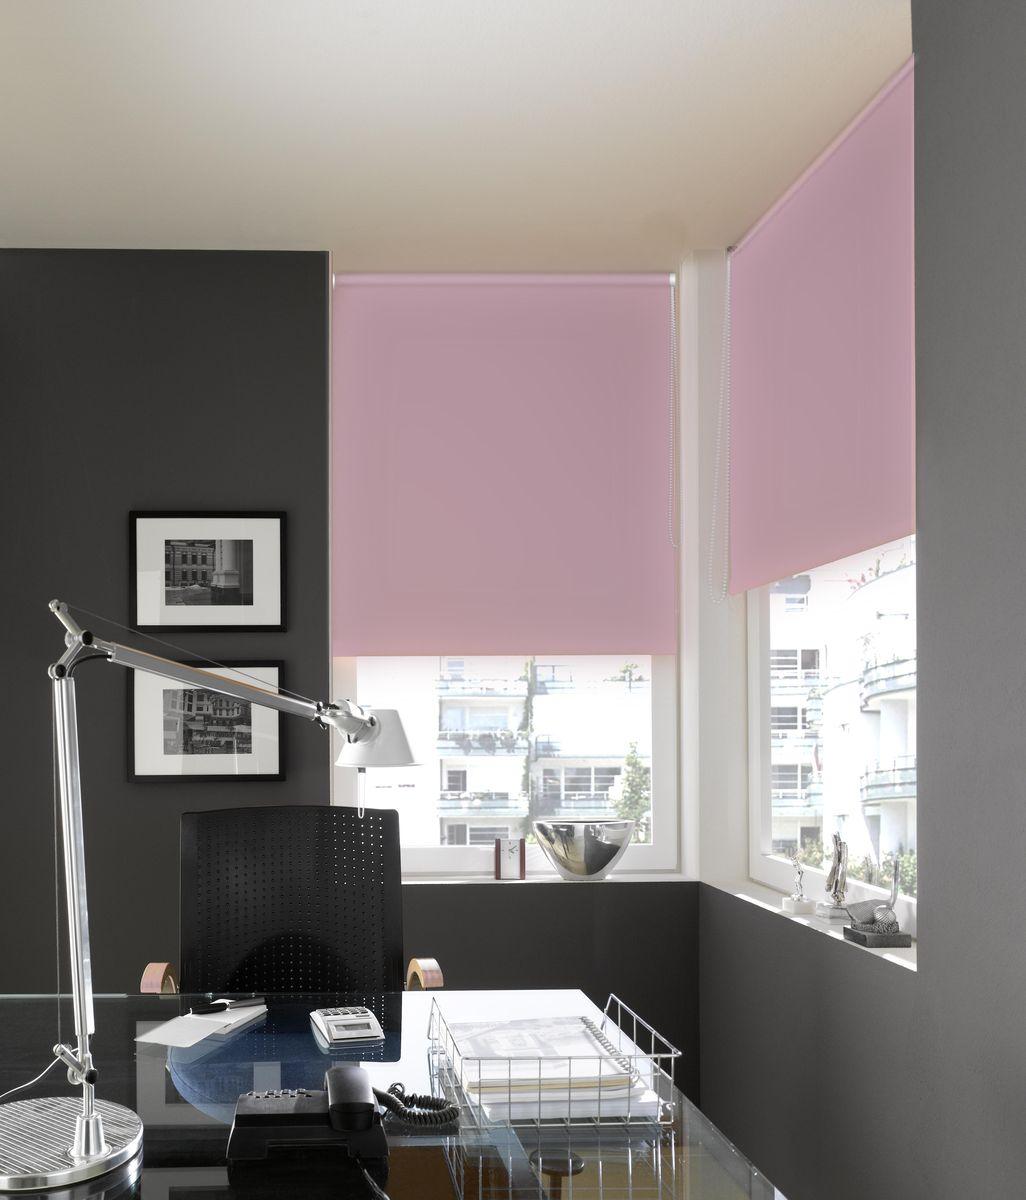 Штора рулонная Эскар Миниролло. Blackout, светонепроницаемая, цвет: розовый кварц, ширина 83 см, высота 170 см34933083170Рулонными шторамиЭскар Миниролло. Blackout можно оформлять окна как самостоятельно, так и использовать в комбинации с портьерами. Это поможет предотвратить выгорание дорогой ткани на солнце и соединит функционал рулонных с красотой навесных. Преимущества применения рулонных штор для пластиковых окон: - имеют прекрасный внешний вид: многообразие и фактурность материала изделия отлично смотрятся в любом интерьере;- многофункциональны: есть возможность подобрать шторы способные эффективно защитить комнату от солнца, при этом она не будет слишком темной;- есть возможность осуществить быстрый монтаж.ВНИМАНИЕ! Размеры ширины изделия указаны по ширине ткани! Во время эксплуатации не рекомендуется полностью разматывать рулон, чтобы не оторвать ткань от намоточного вала. В случае загрязнения поверхности ткани, чистку шторы проводят одним из способов, в зависимости от типа загрязнения:легкое поверхностное загрязнение можно удалить при помощи канцелярского ластика;чистка от пыли производится сухим методом при помощи пылесоса с мягкой щеткой-насадкой;для удаления пятна используйте мягкую губку с пенообразующим неагрессивным моющим средством или пятновыводитель на натуральной основе (нельзя применять растворители).